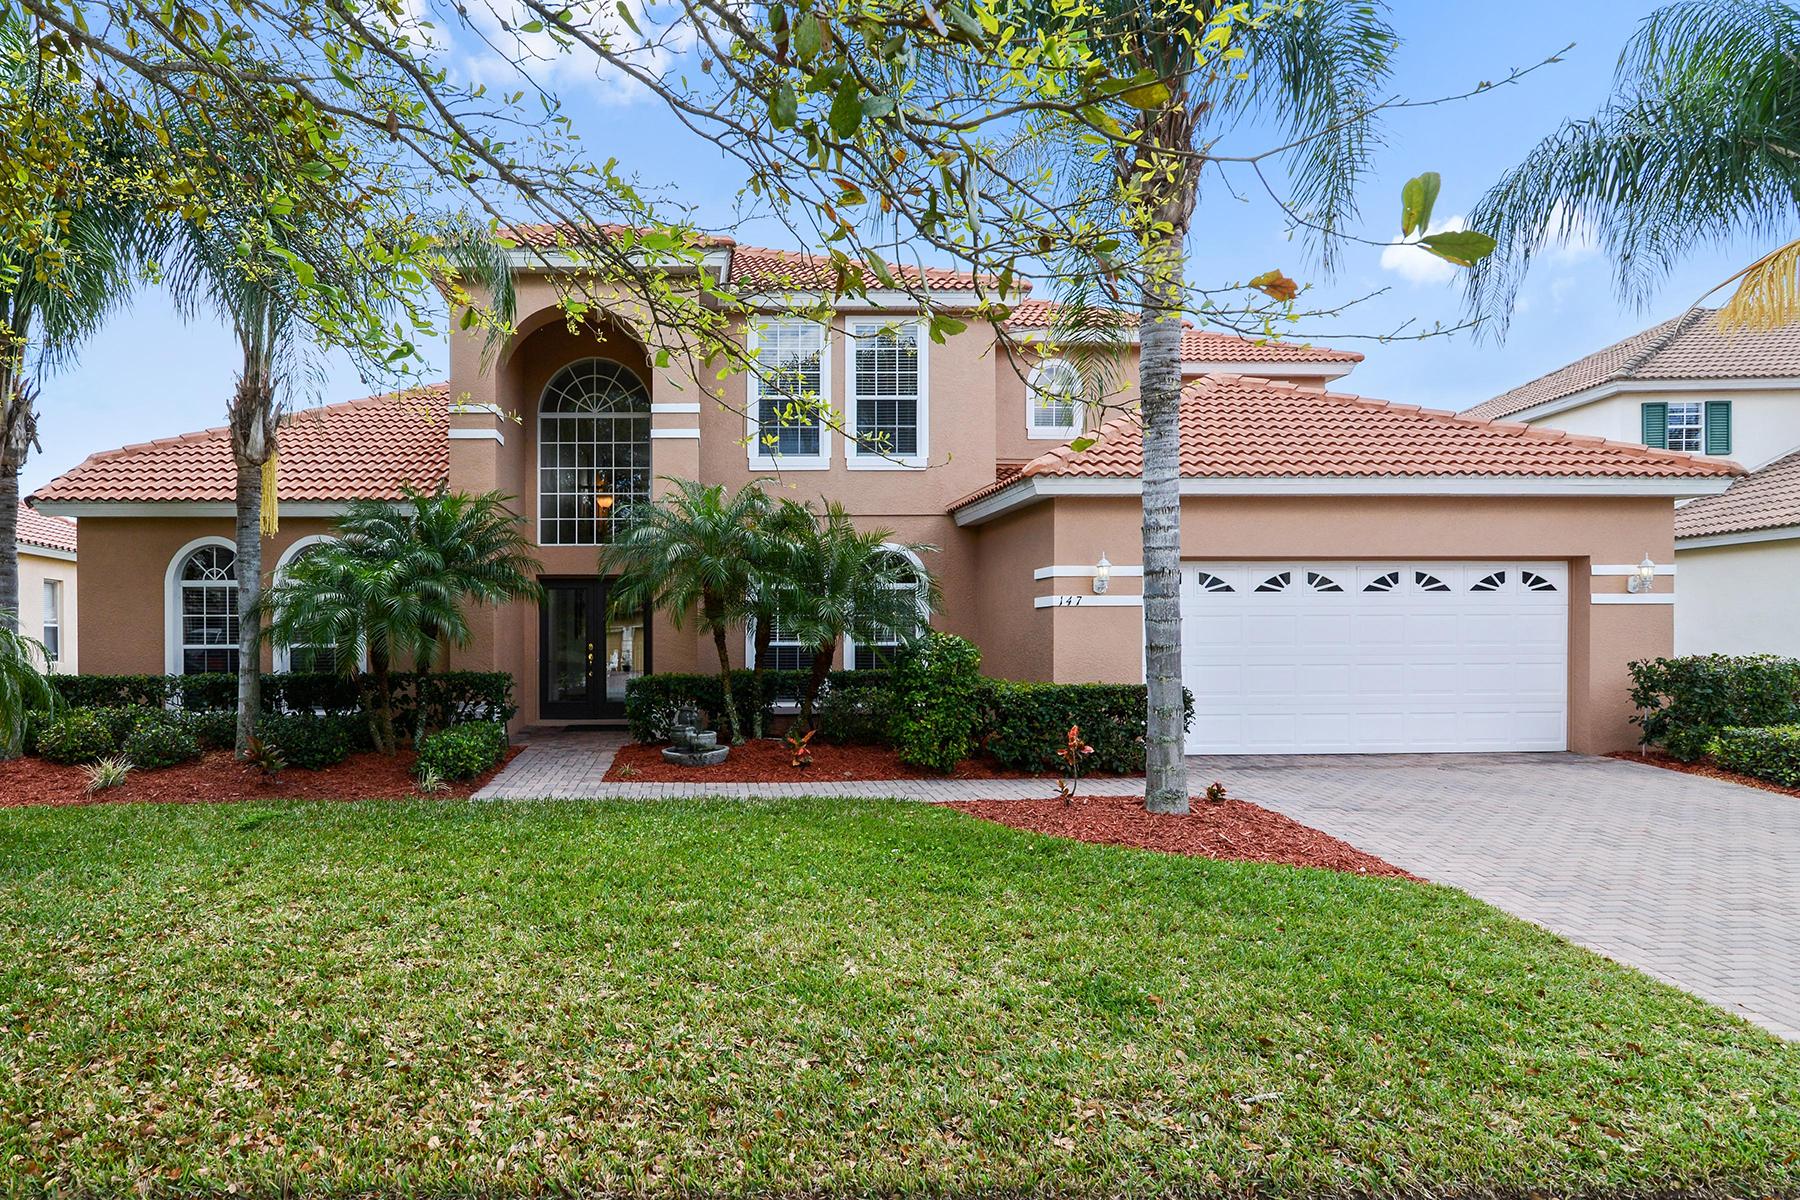 Tek Ailelik Ev için Satış at OCOEE 147 Sagecrest Dr Ocoee, Florida, 34761 Amerika Birleşik Devletleri